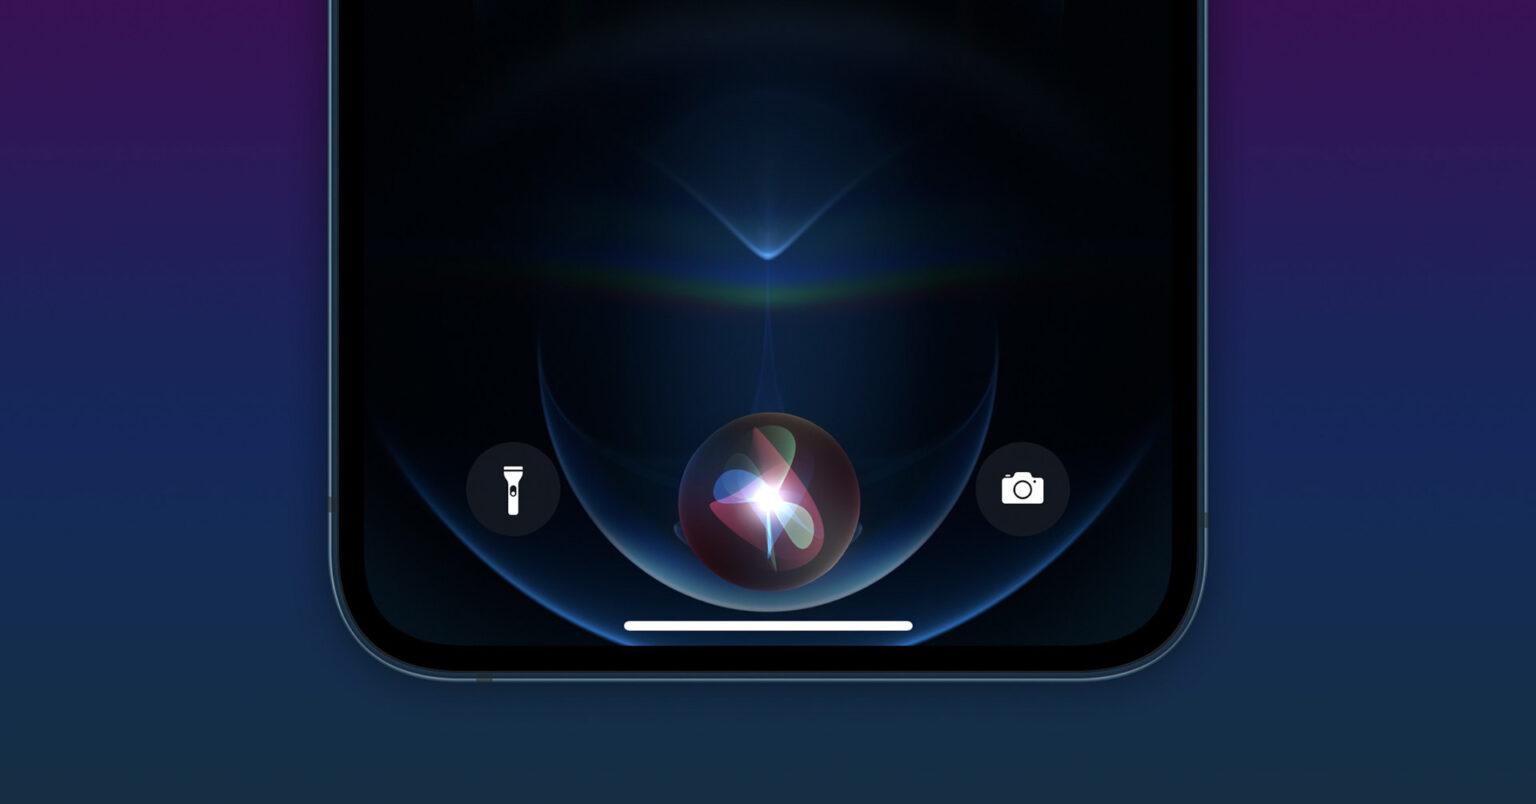 """Cập nhật """"giới tính"""" cho Siri ở iOS 14.5 - Bạn lựa chọn giọng nam hay nữ cho Siri?"""